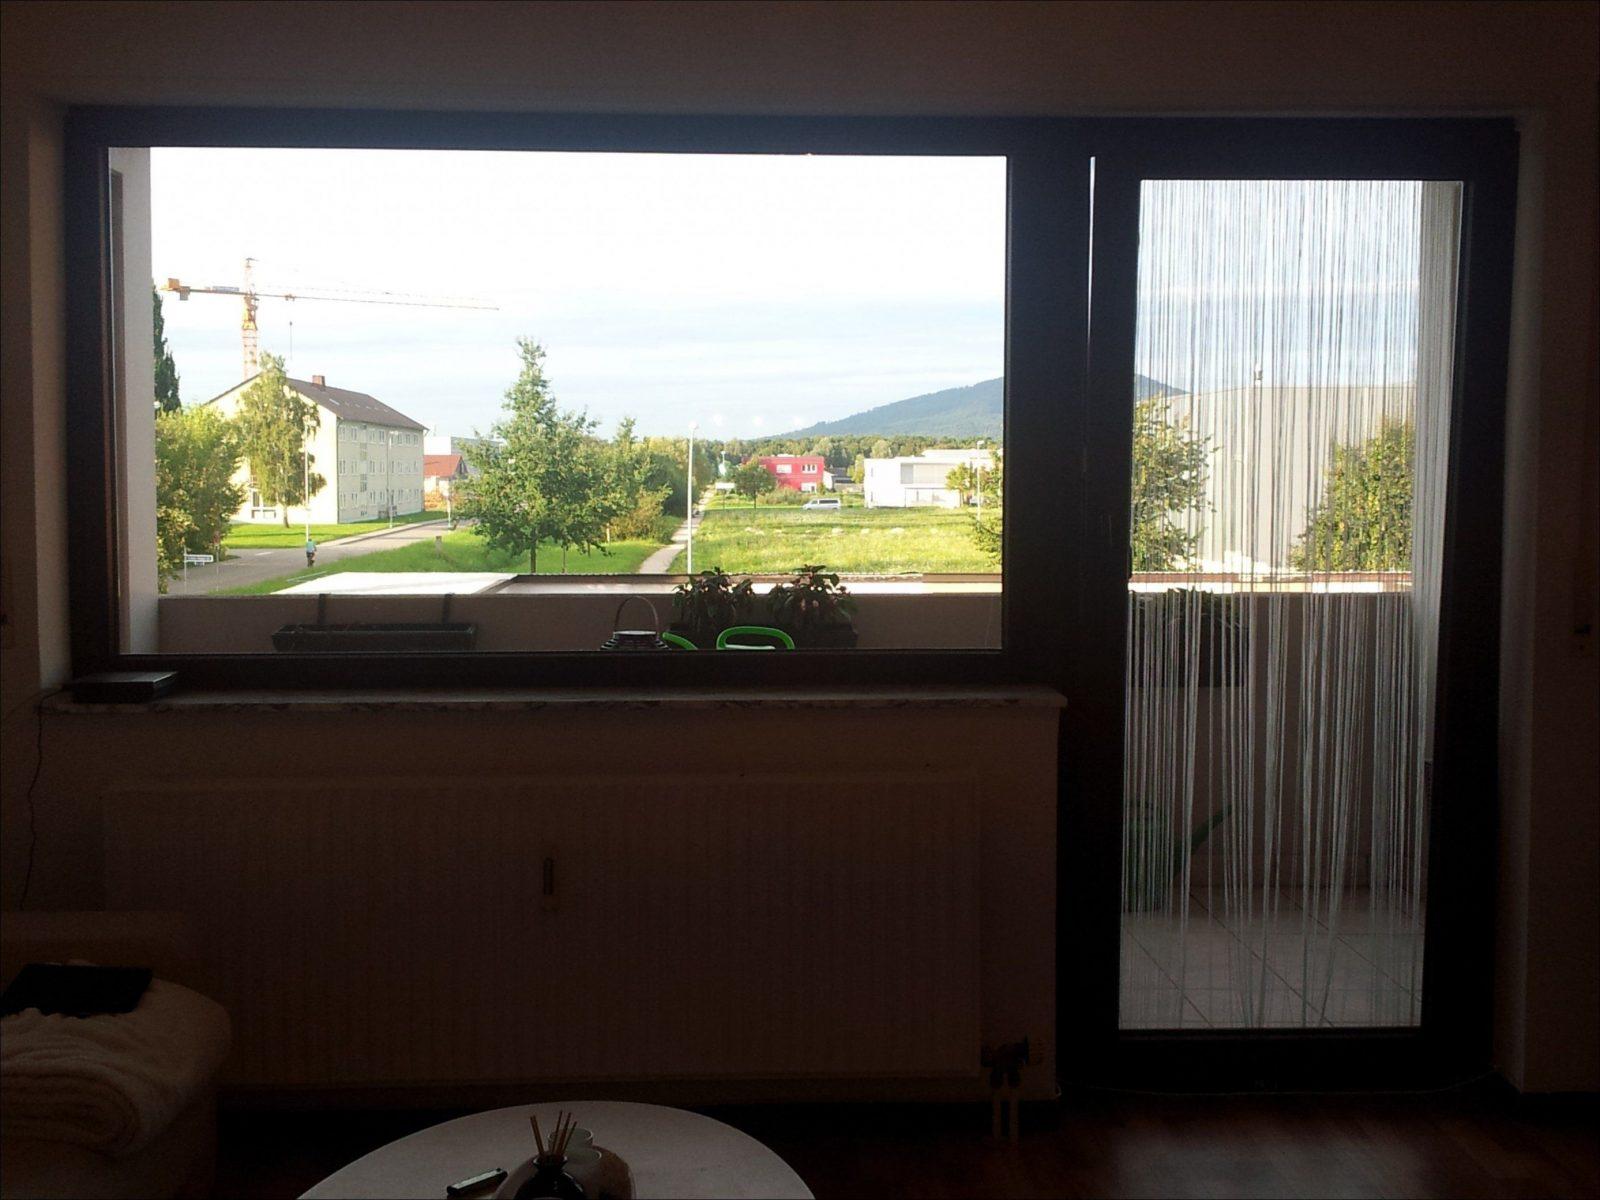 Gardinen Trefflich Gardinen Für Großes Fenster Mit Balkontür von Gardinen Für Großes Fenster Mit Balkontür Photo